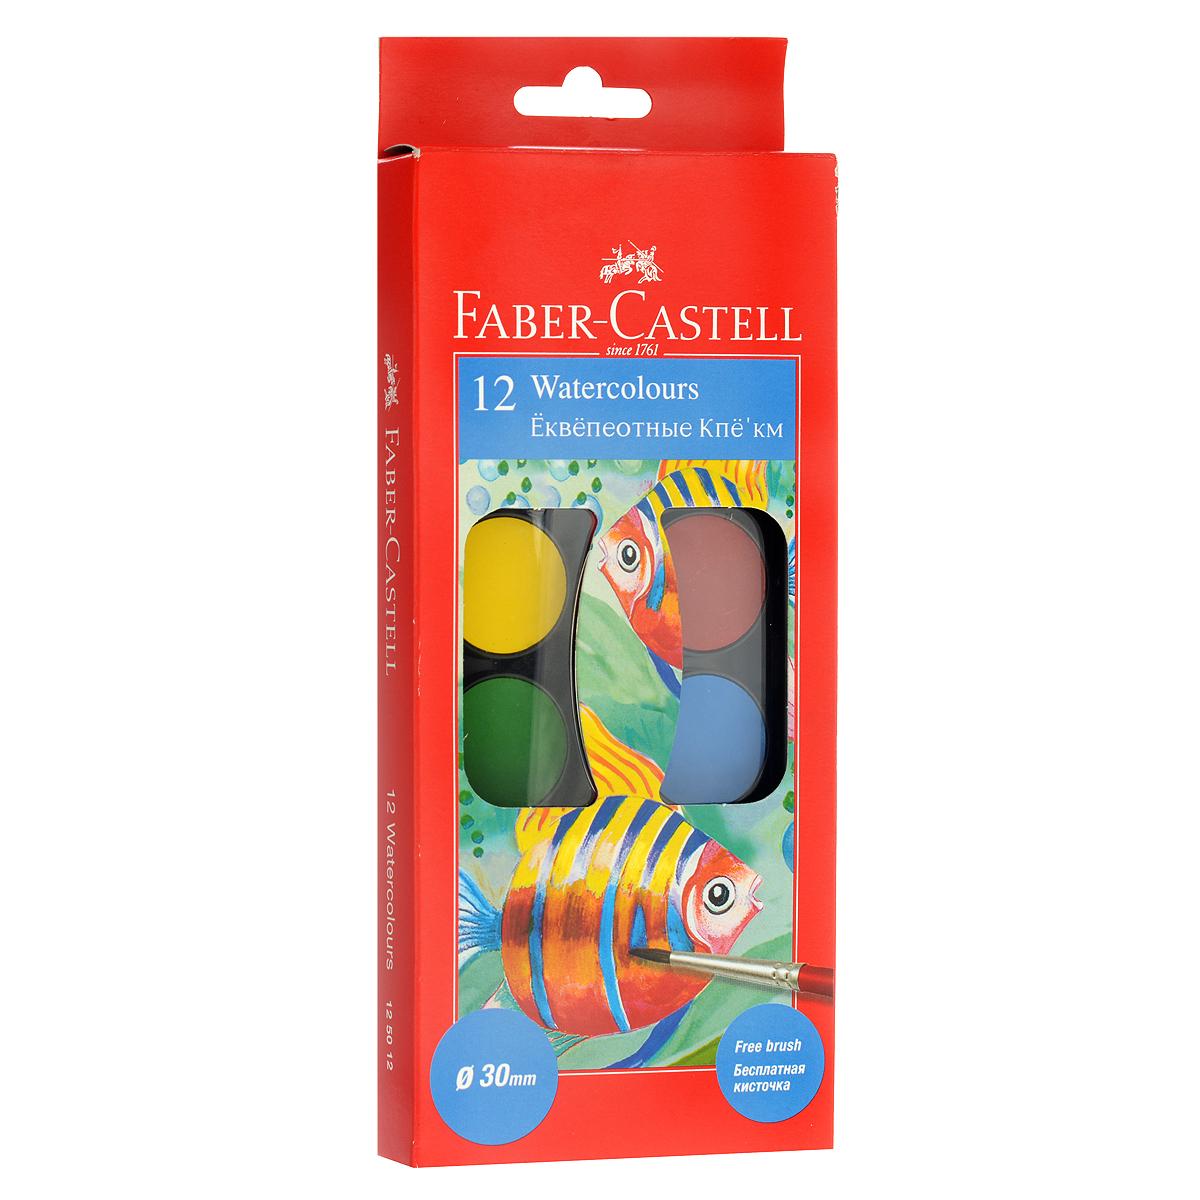 Акварельные краски Faber-Castell, с кисточкой, 12 штFS-00103Акварельные краски Faber-Castell - это живые и яркие цвета с прекрасной покрывающей способностью, богатая цветовая палитра при смешивании красок, прекрасный результат нанесения на бумагу и другие поверхности. Акварельные краски Faber-Castell - рисуйте в удовольствие! Кисточка в подарок!